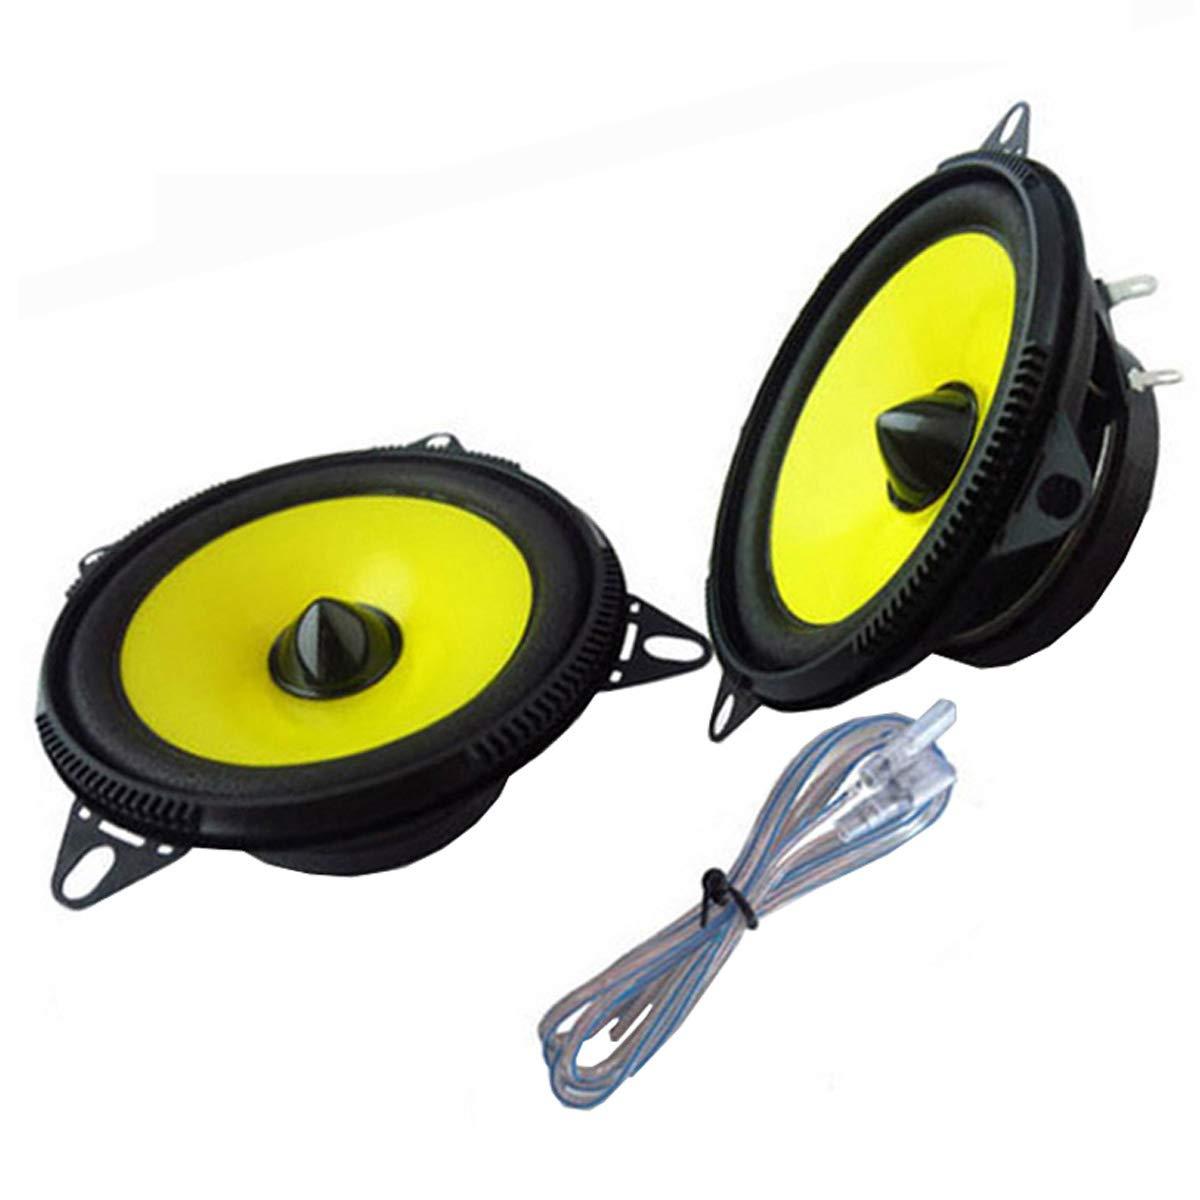 ZHUHAI HONGKANG DONGMAO TRADING CO LTD 1 par de Altavoces de Audio para automó vil de 4 Pulgadas con Altavoces de Sistema esté reo de Rango Completo